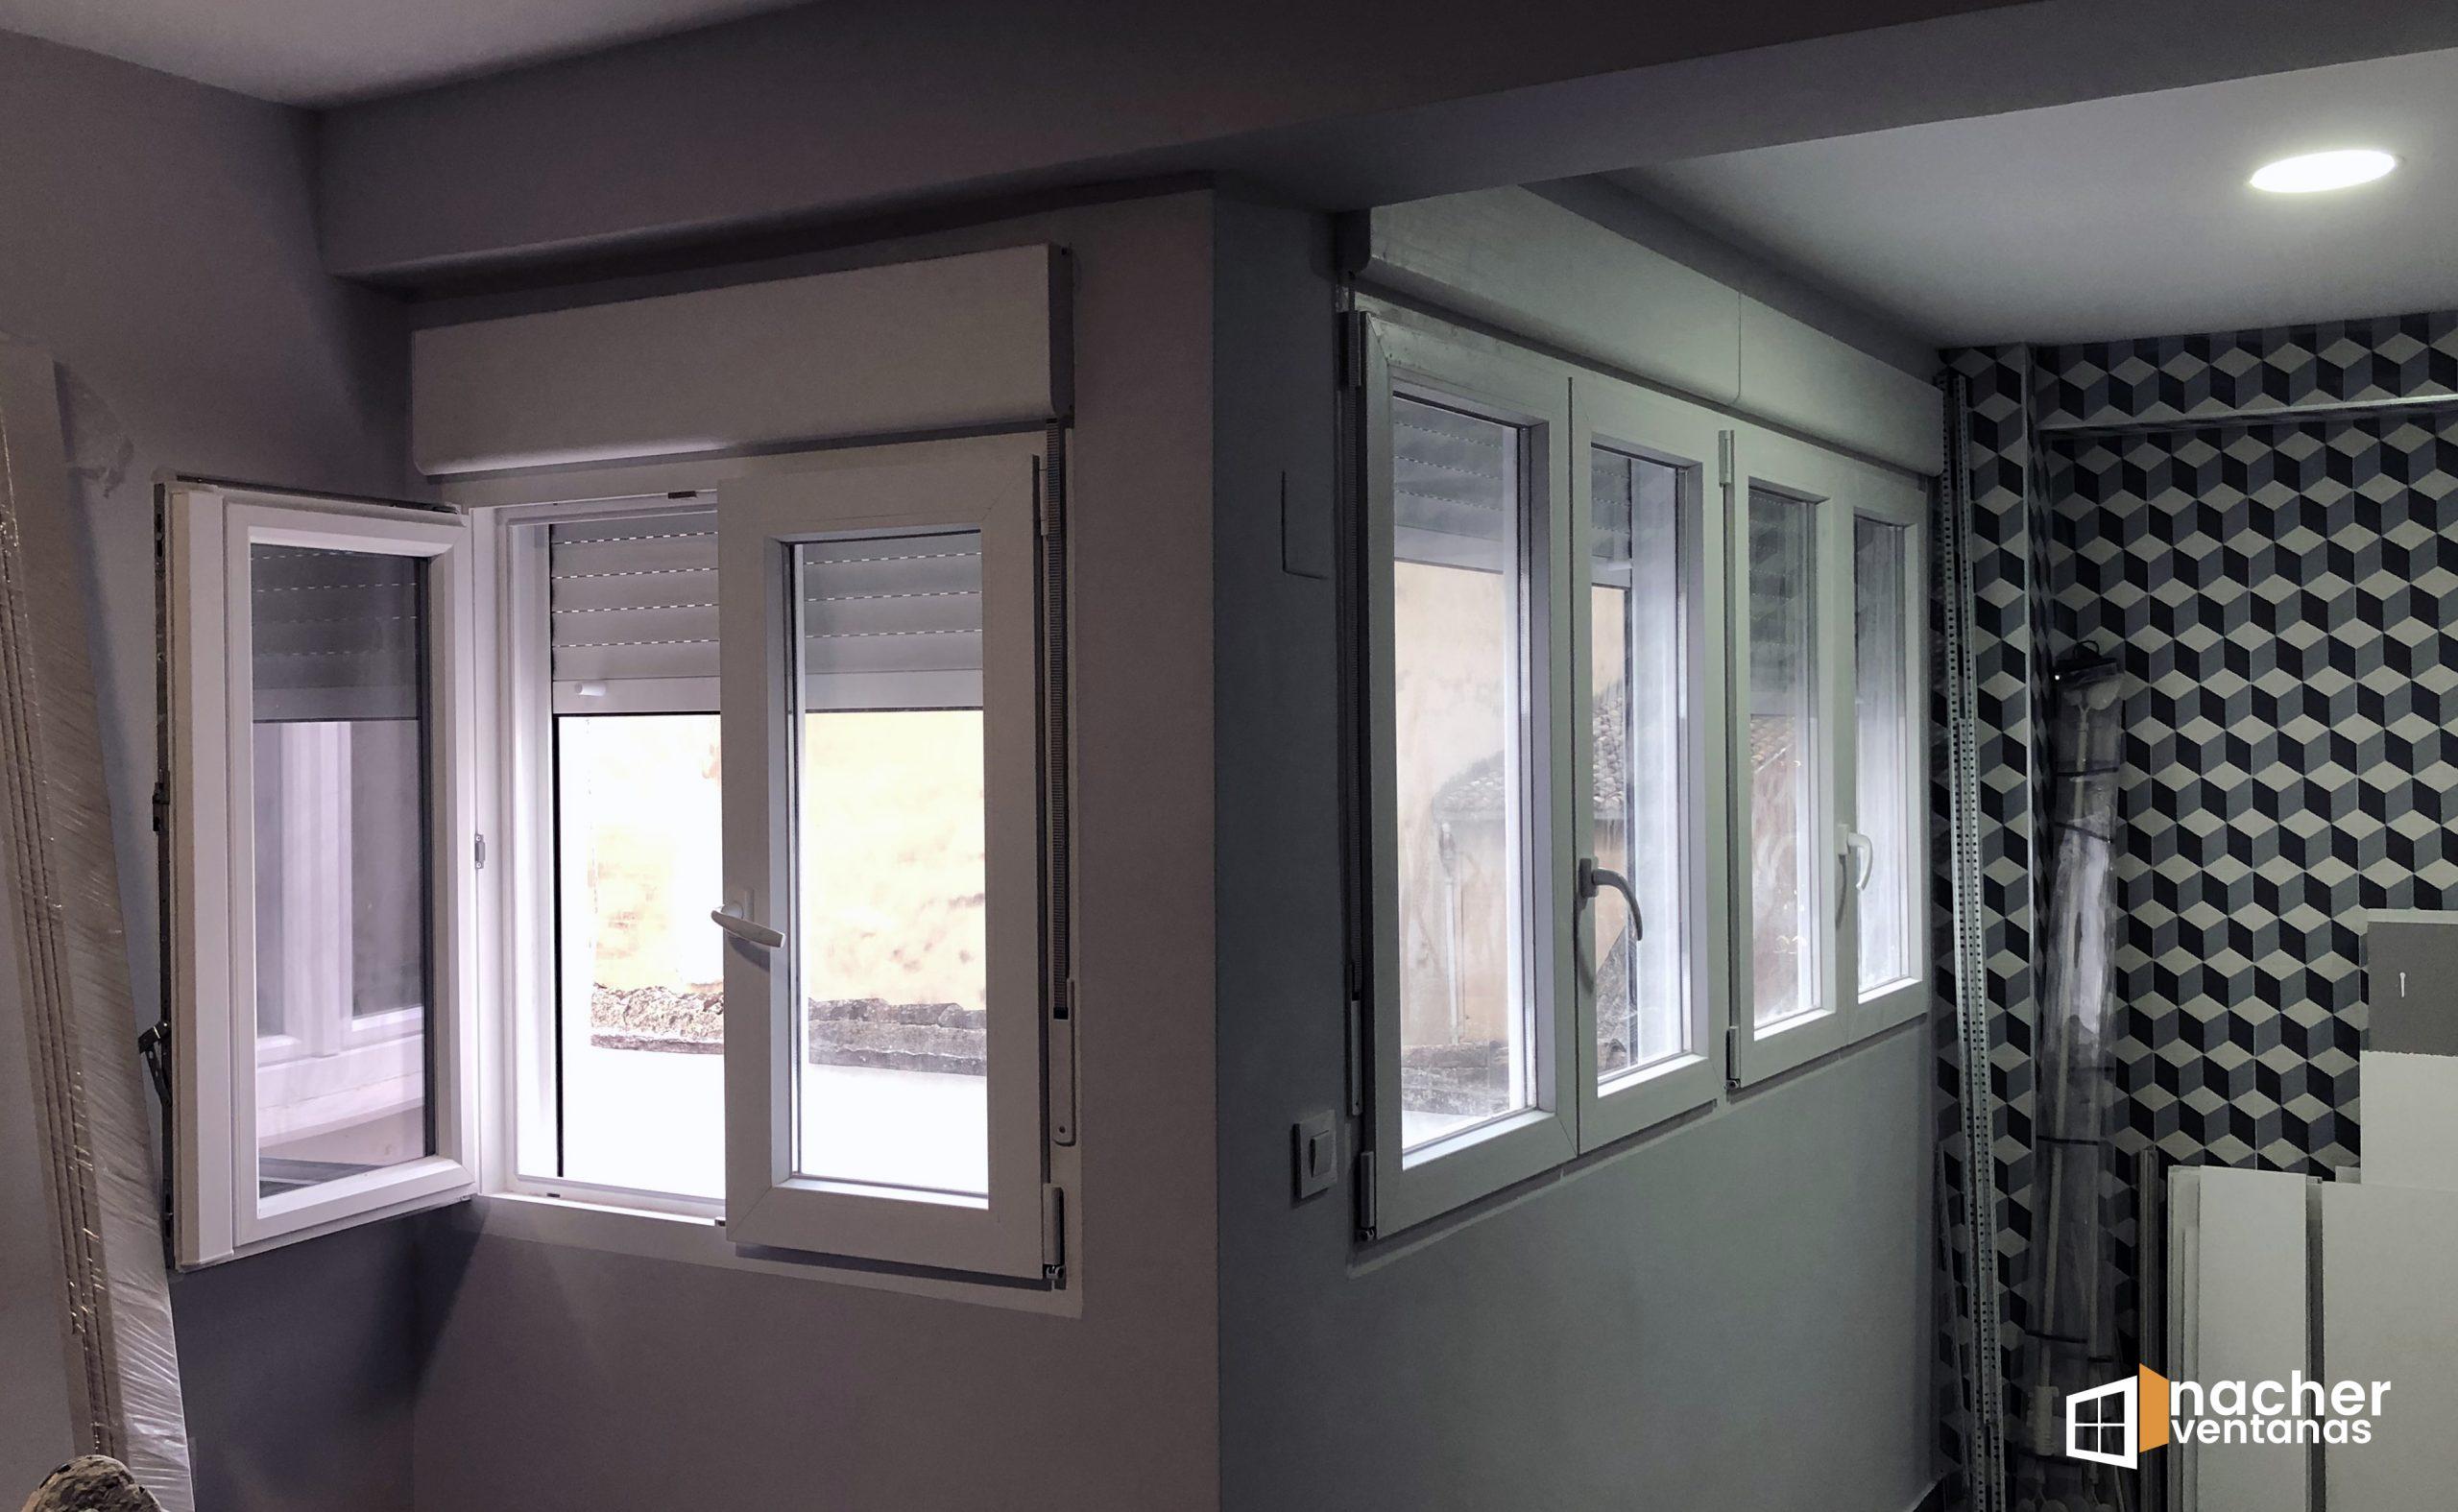 Venta de ventanas de PVC